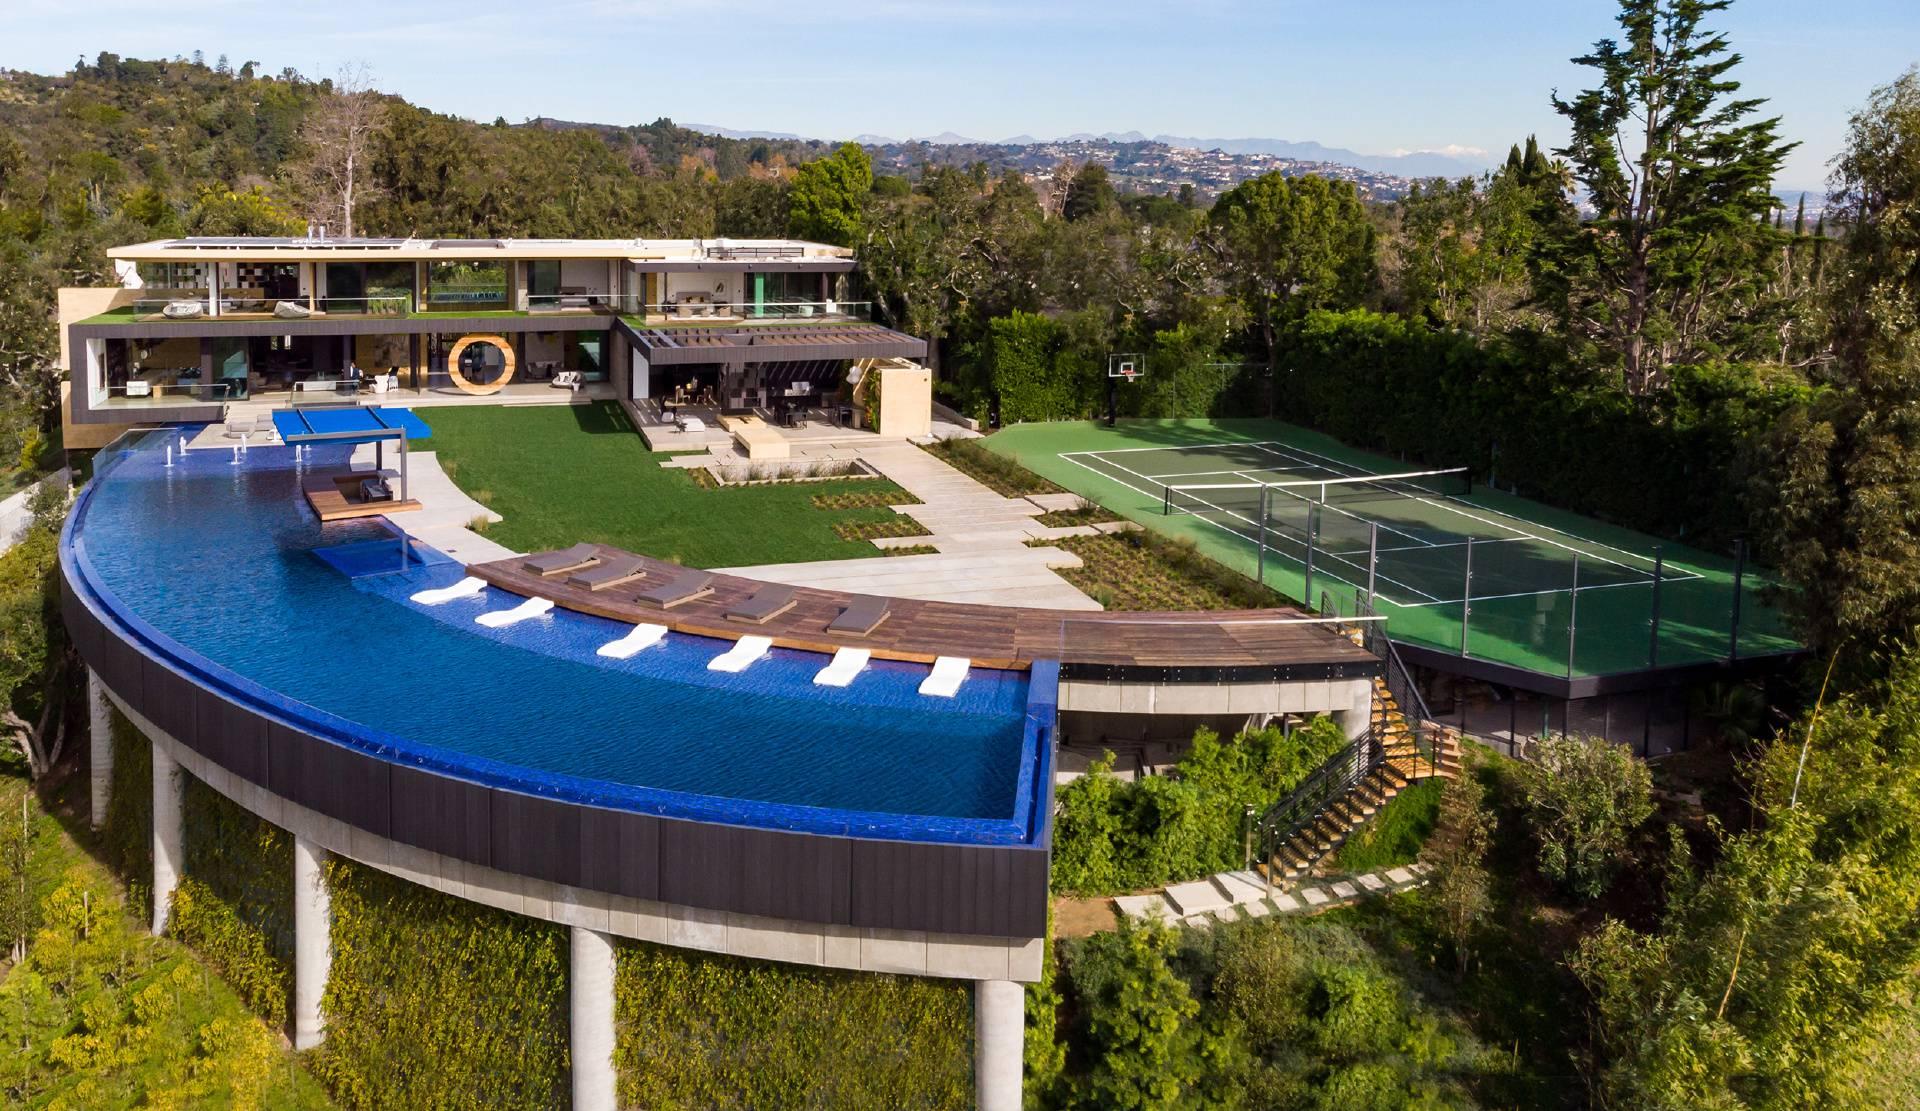 Bentley Circle Modern Mansion – The pinnacle of luxury living in Los Angeles